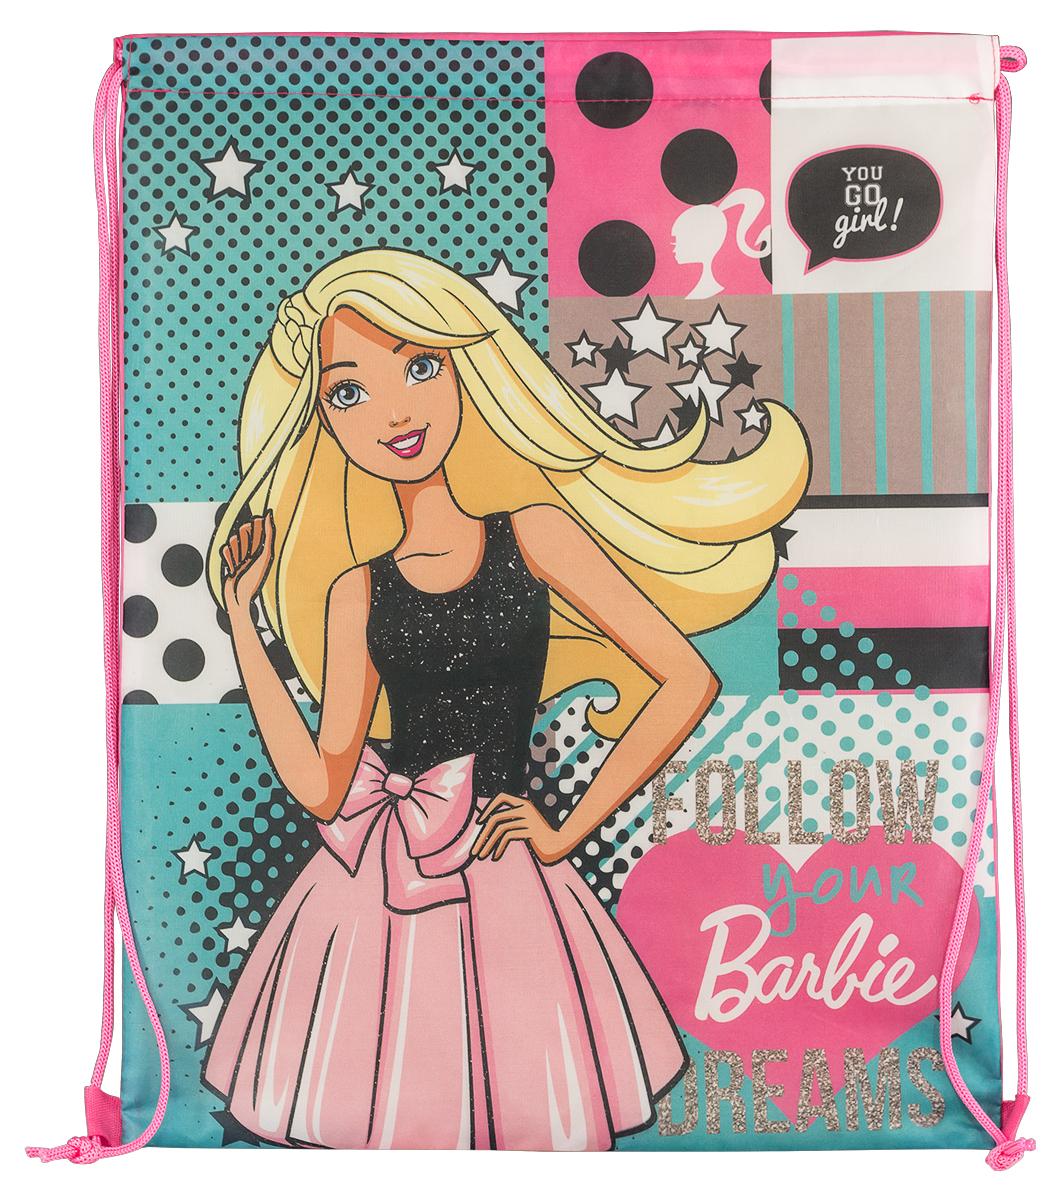 Barbie Сумка для сменной обуви Follow Your Dreams72523WDСумка для сменной обуви Barbie Follow Your Dreams идеально подойдет как для хранения, так и для переноски сменной обуви и одежды.Сумка выполнена из плотного водостойкого материала и содержит одно вместительное отделение, затягивающееся с помощью текстильных шнурков. Шнурки фиксируются в нижней части сумки, благодаря чему ее можно носить за спиной как рюкзак. Сумка дополнена изображением очаровательной Барби.